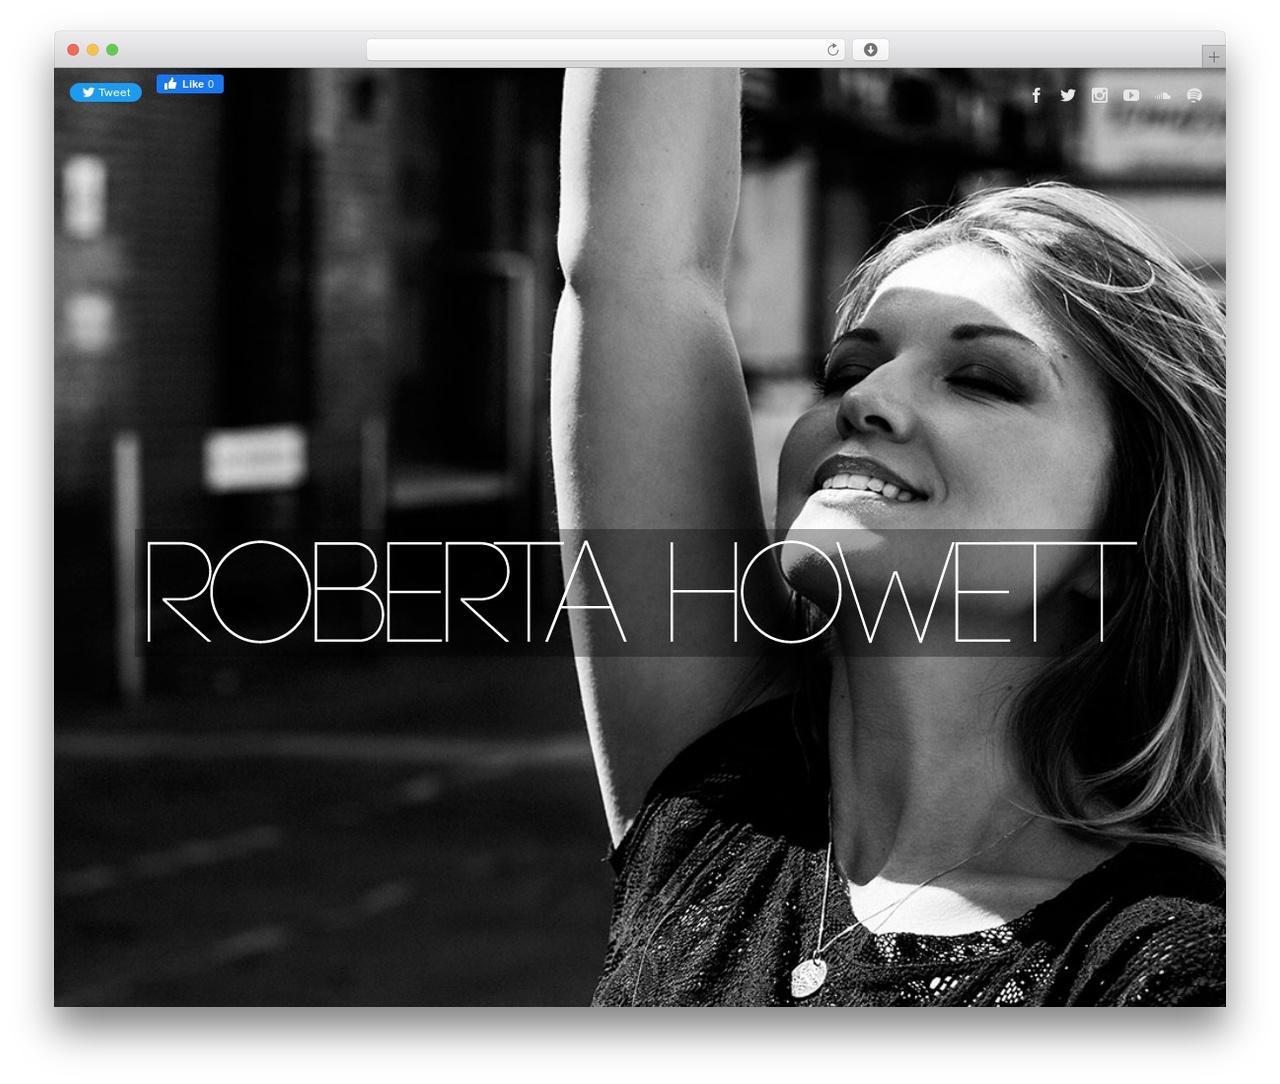 Best WordPress theme Speaker - robertahowett.com